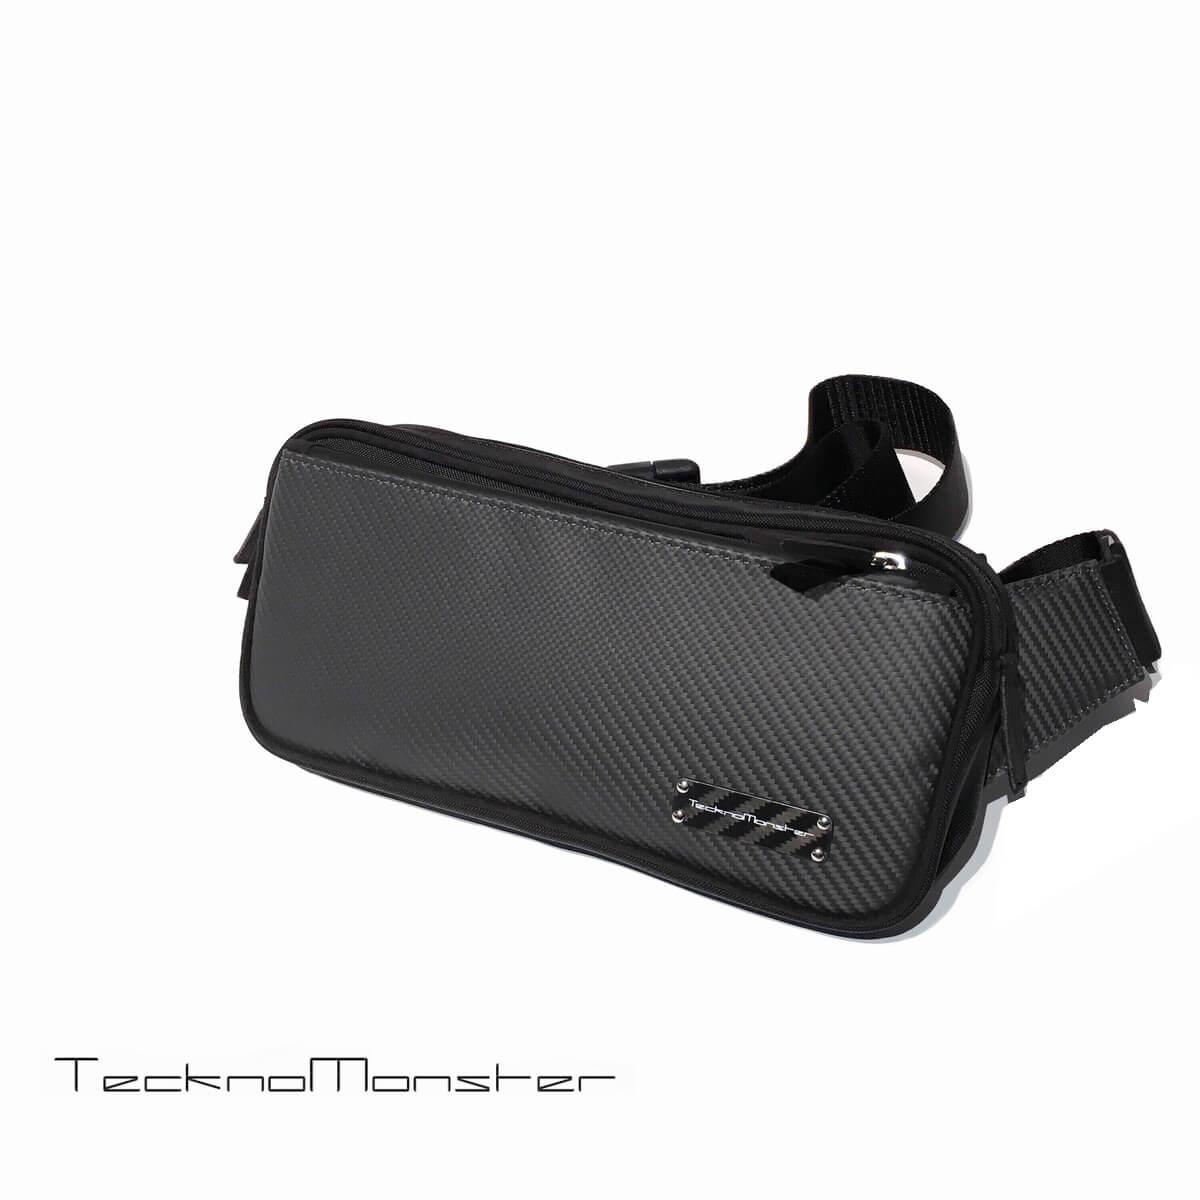 Teckno Monster (テクノモンスター)ボディバッグ ブランド メンズ レディース ソフトカーボンファイバー アルカンターラ イタリア製